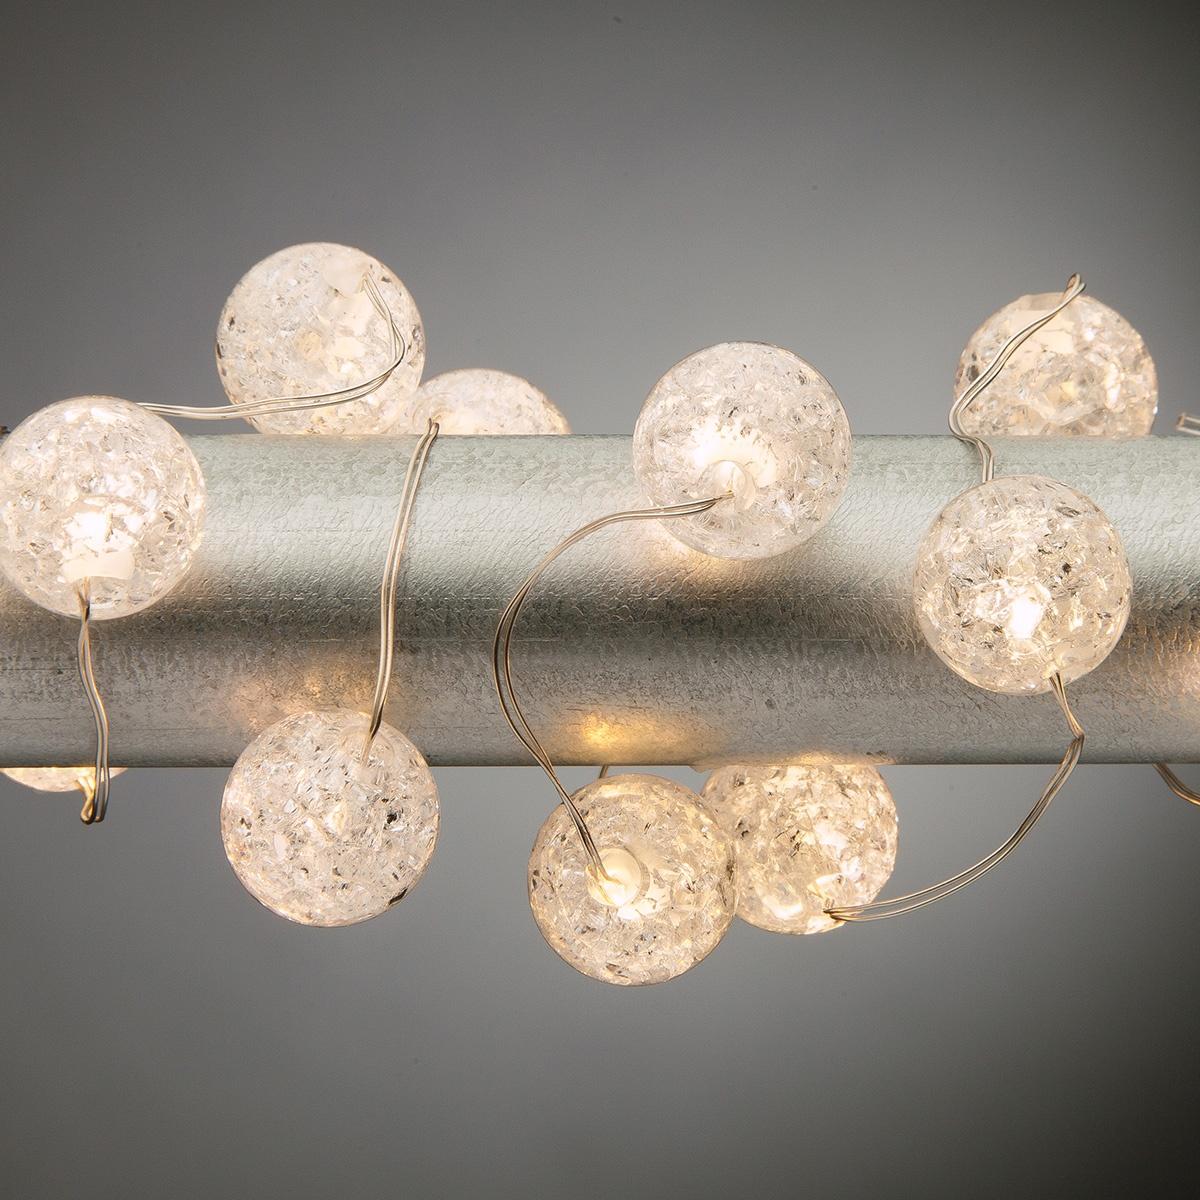 Micro Led Christmas Lights